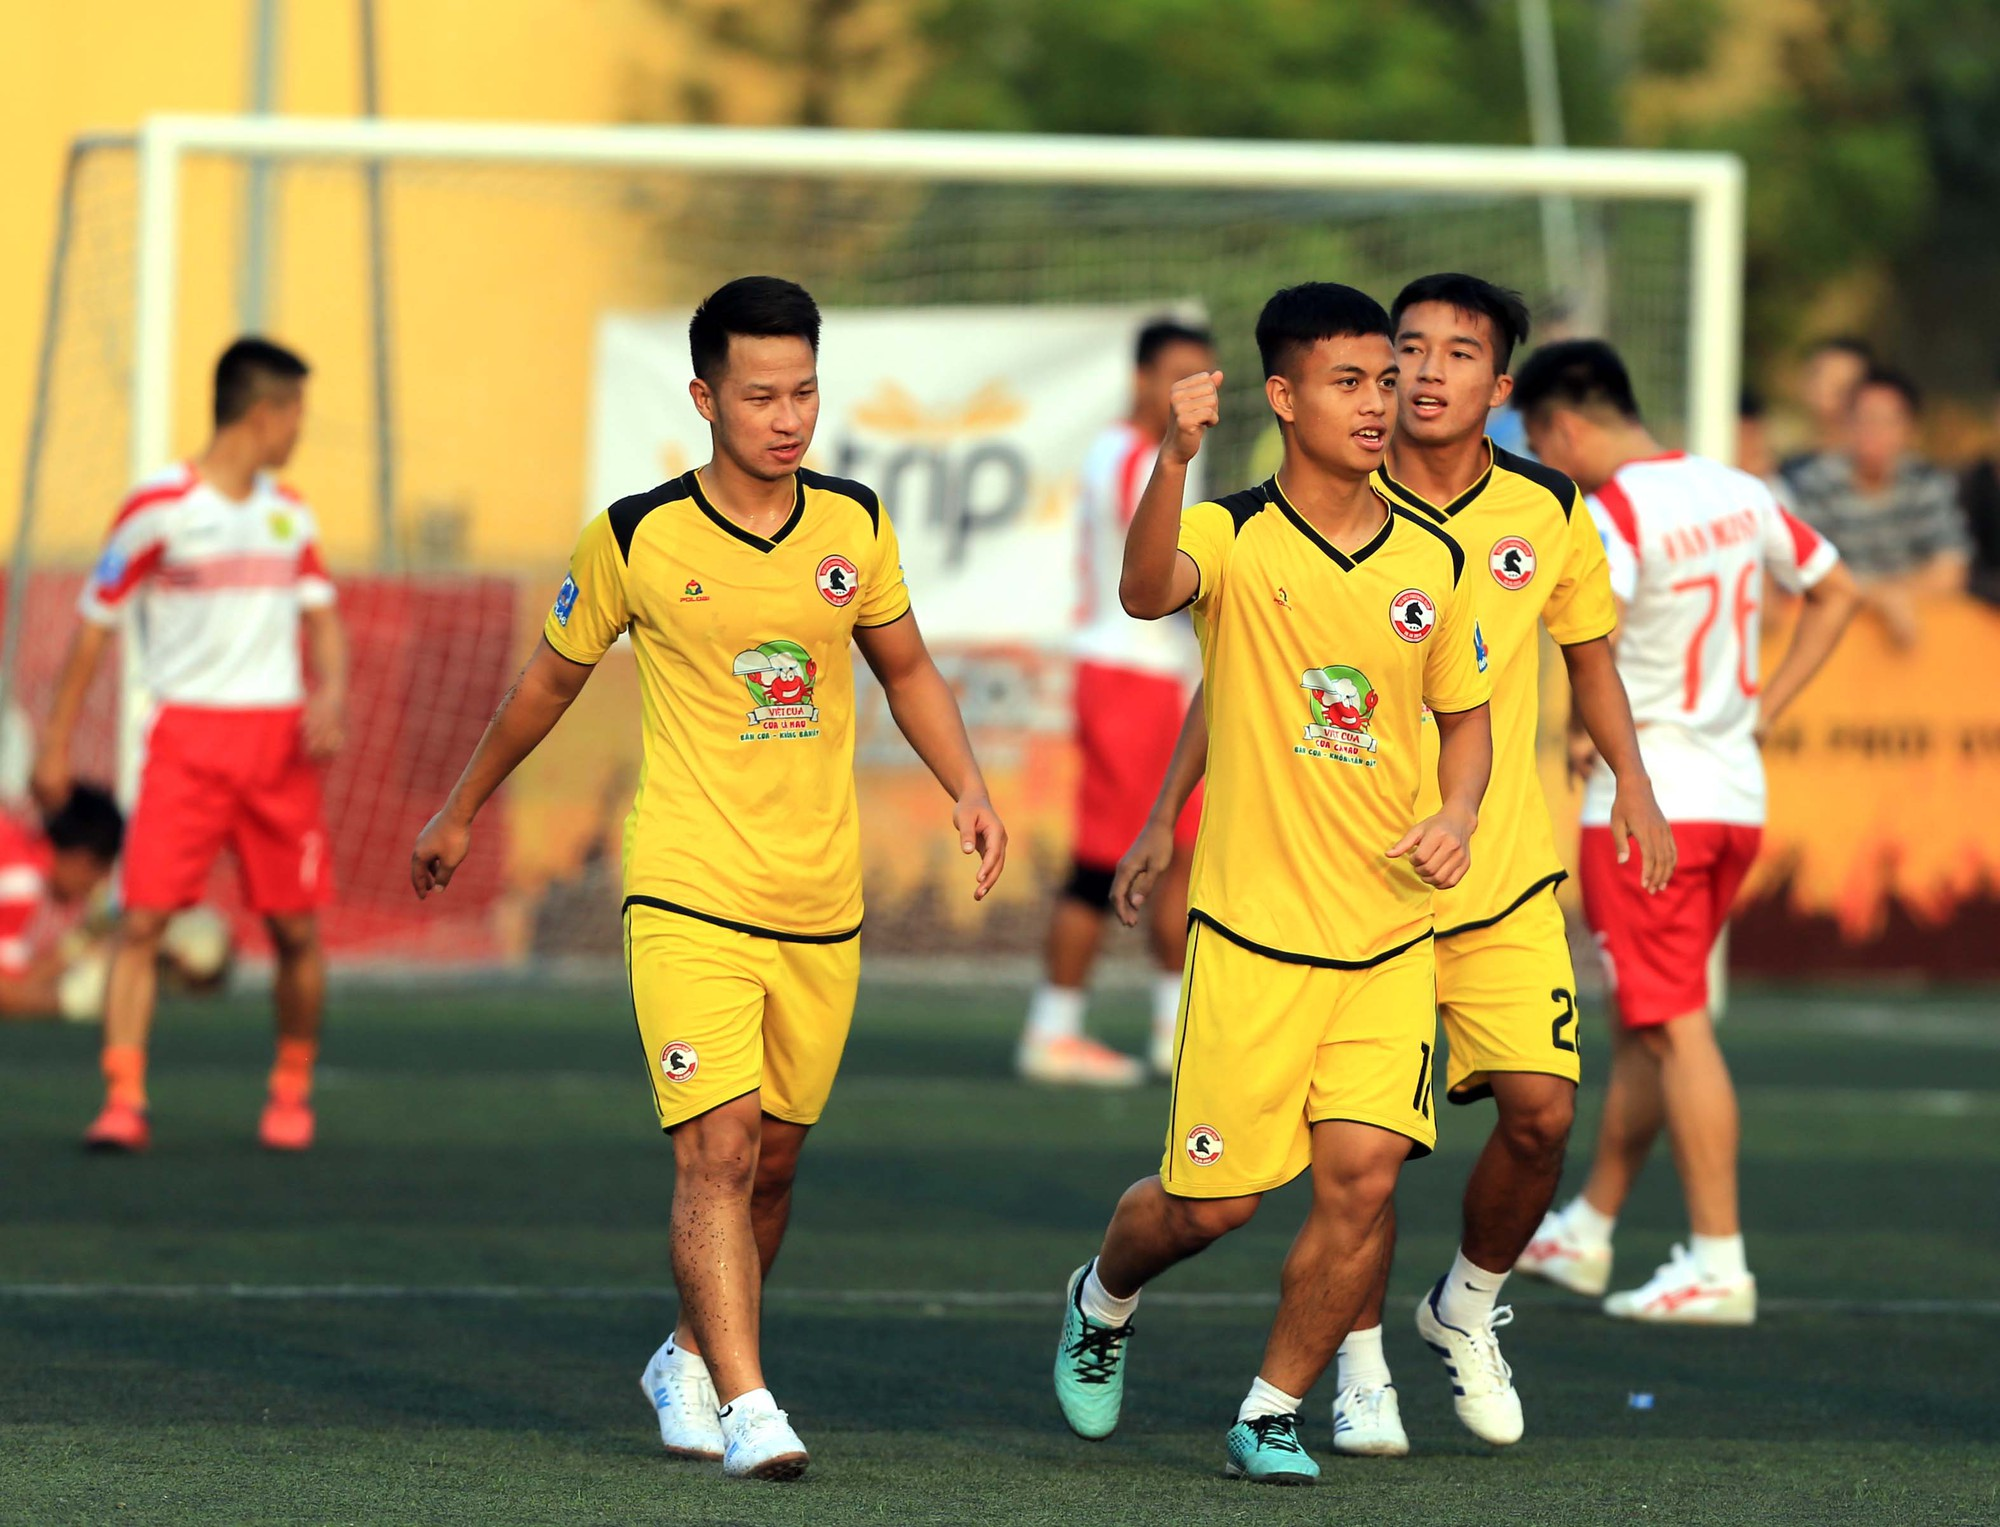 Bầu Việt Quảng Ninh: Bóng đá là trò chơi của đàn ông - Ảnh 2.